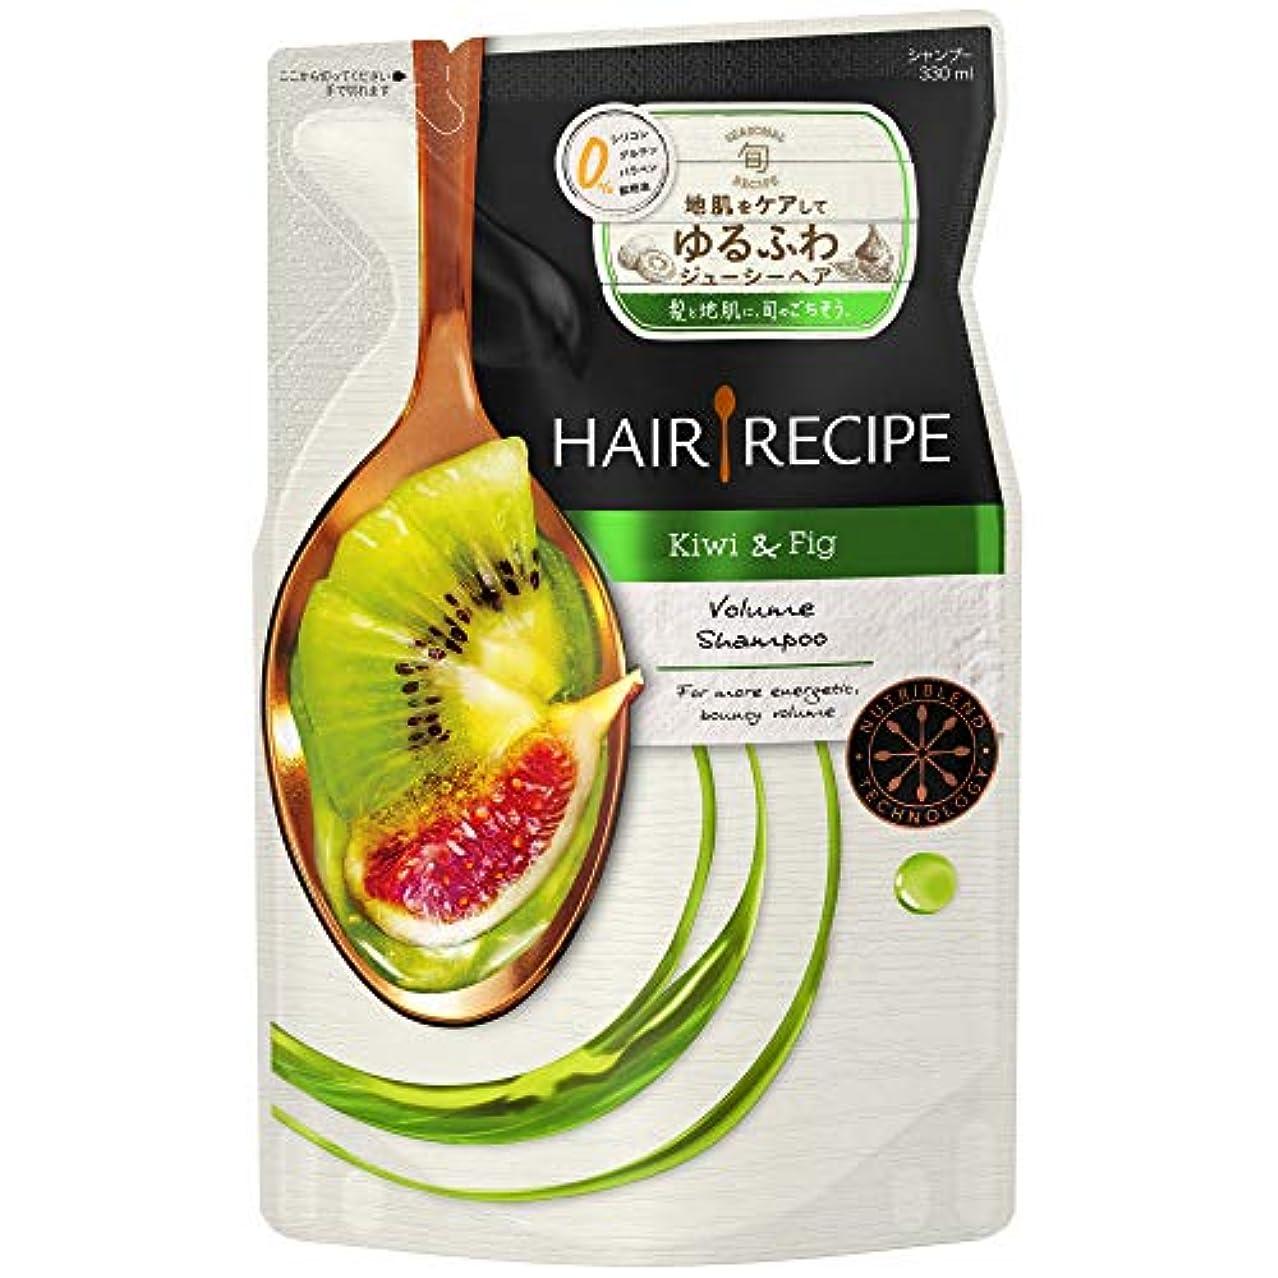 パイプライン販売計画脆いヘアレシピ シャンプー キウイ エンパワーボリュームレシピ 詰め替え 330mL